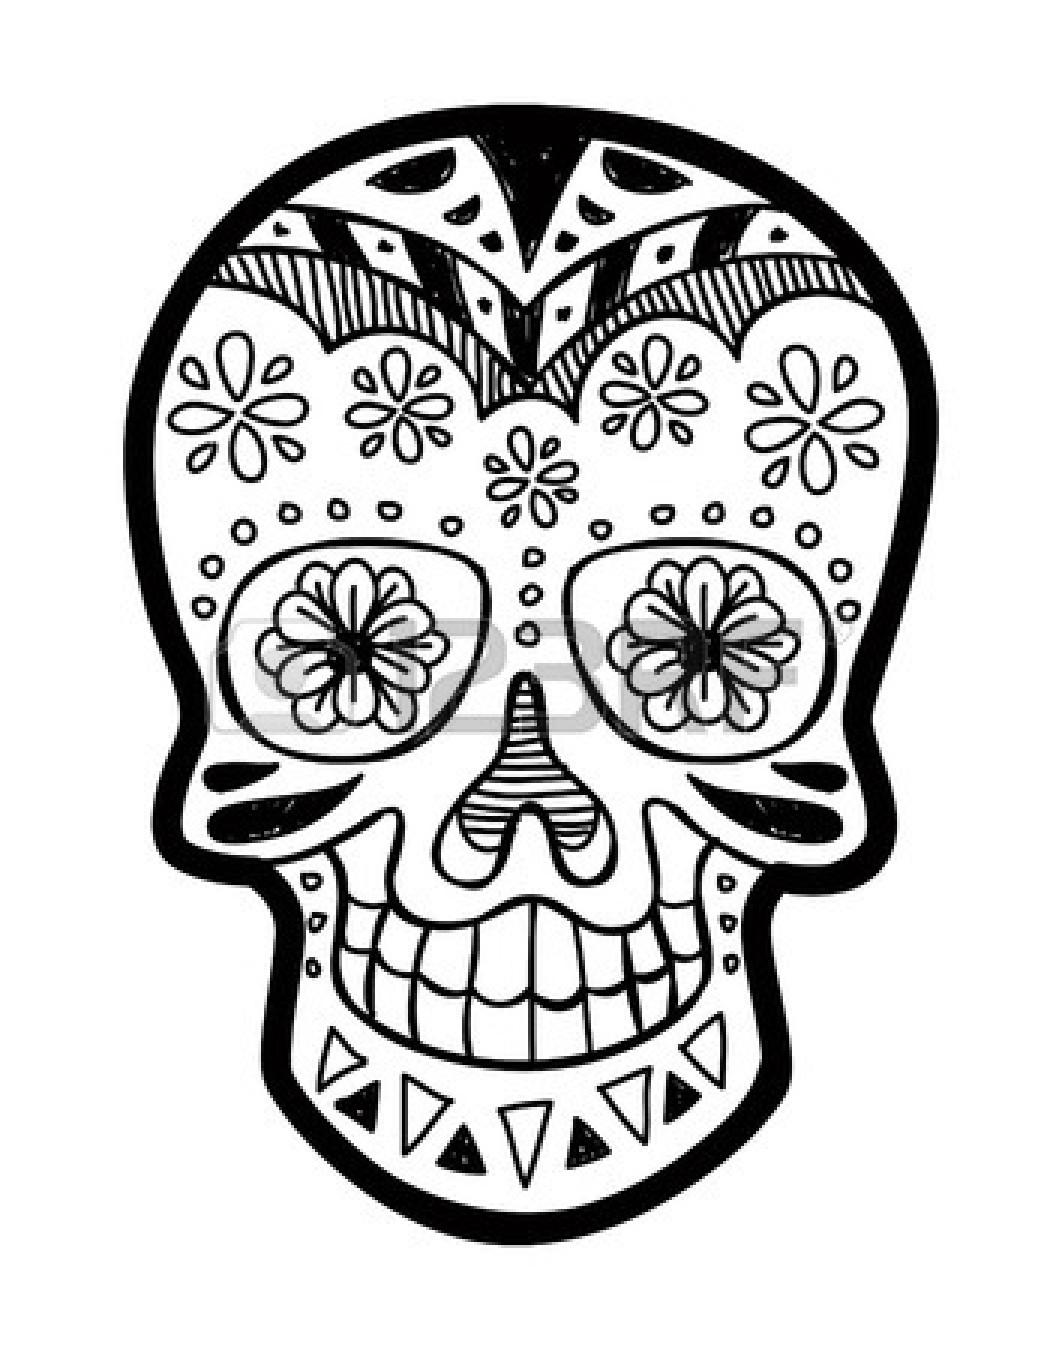 Drawn sugar skull vector Cliparts Skull Cliparts And Stock